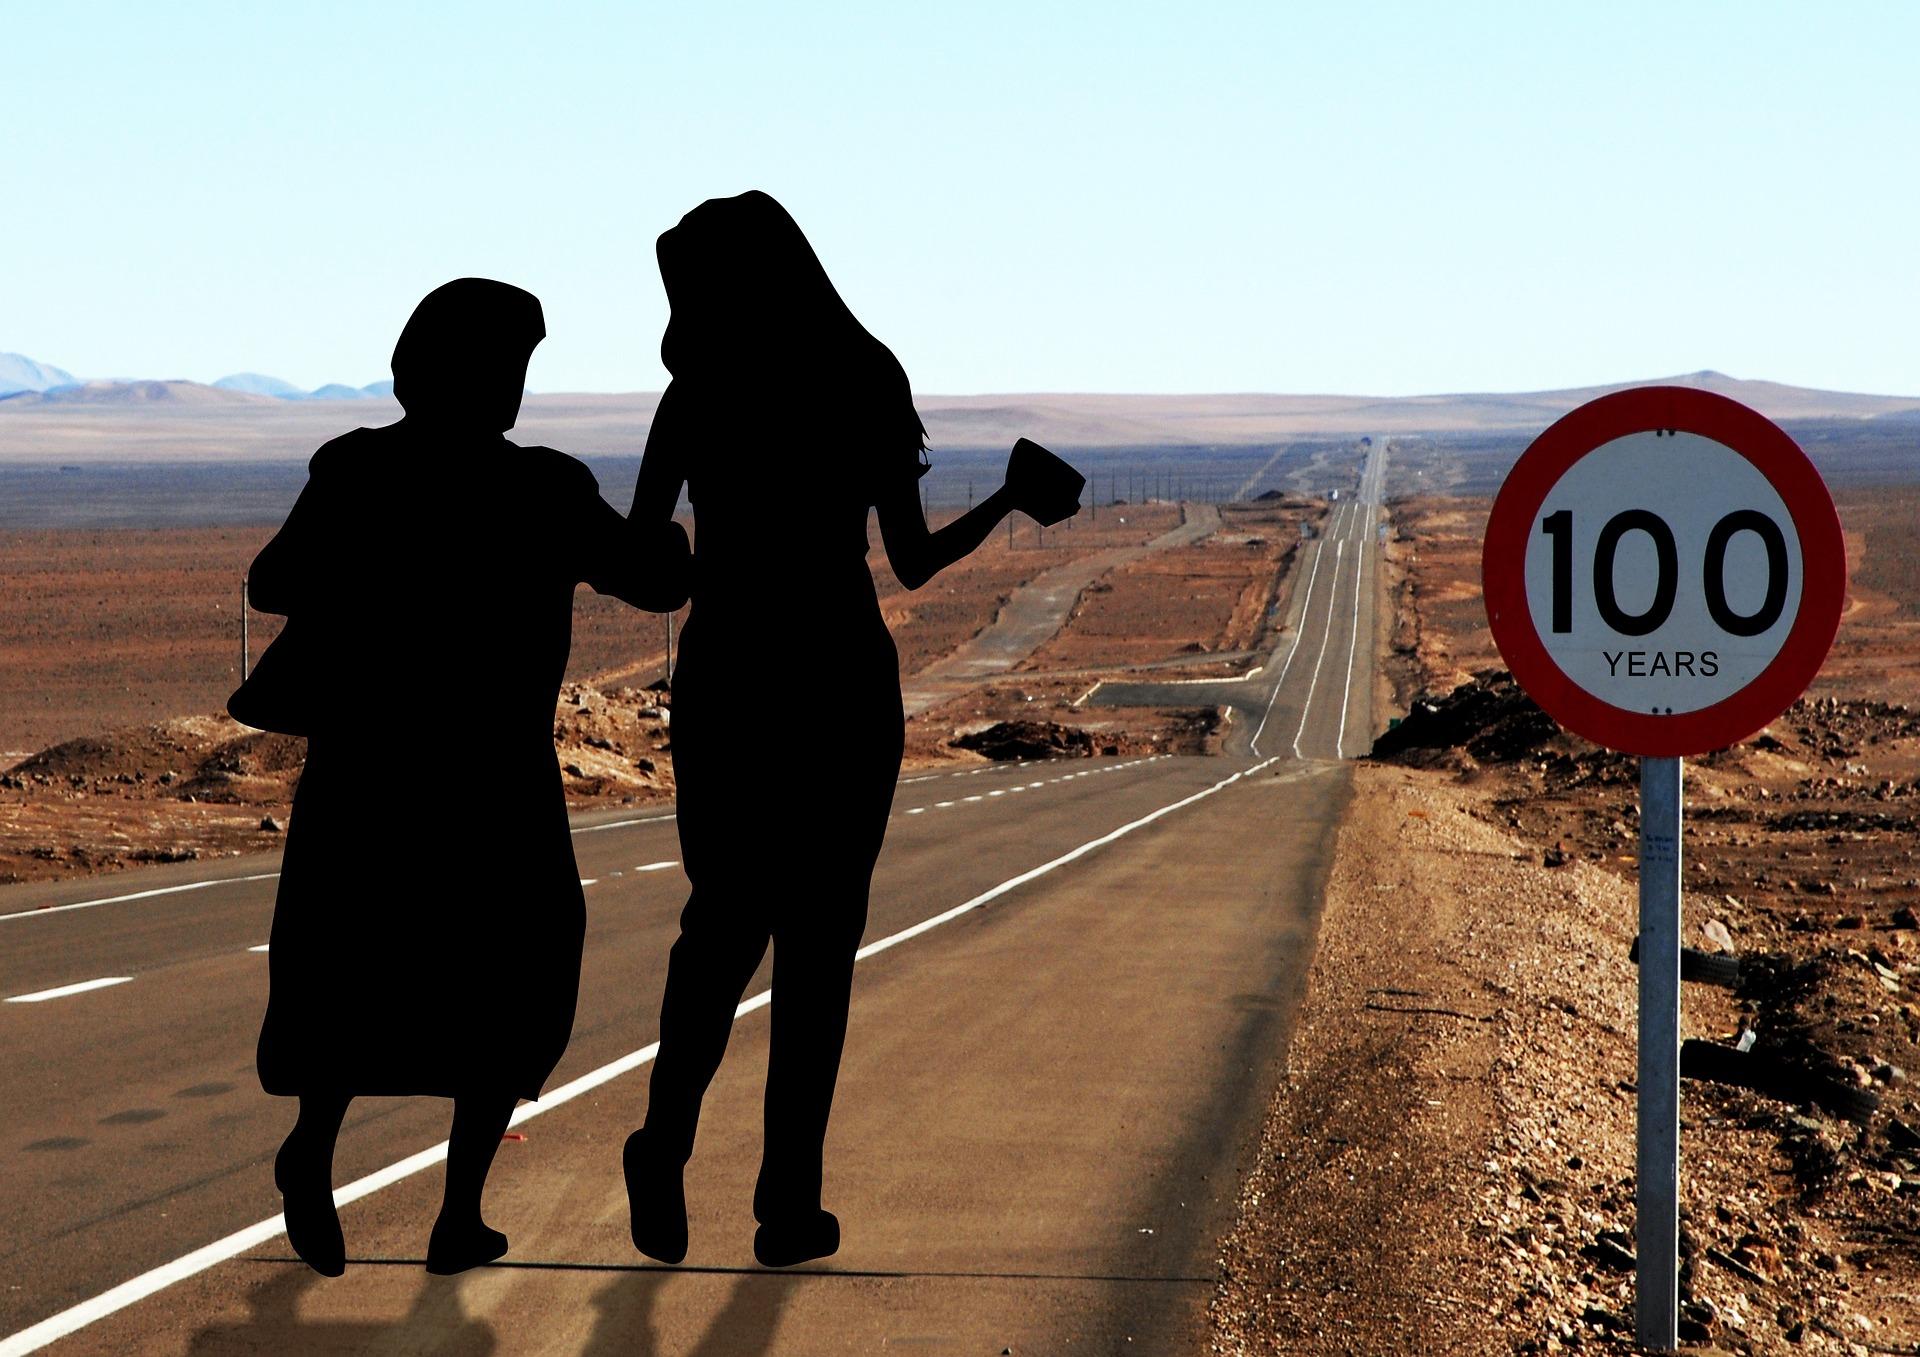 Vanhan ja nuoren naisen silhuetti maantiellä